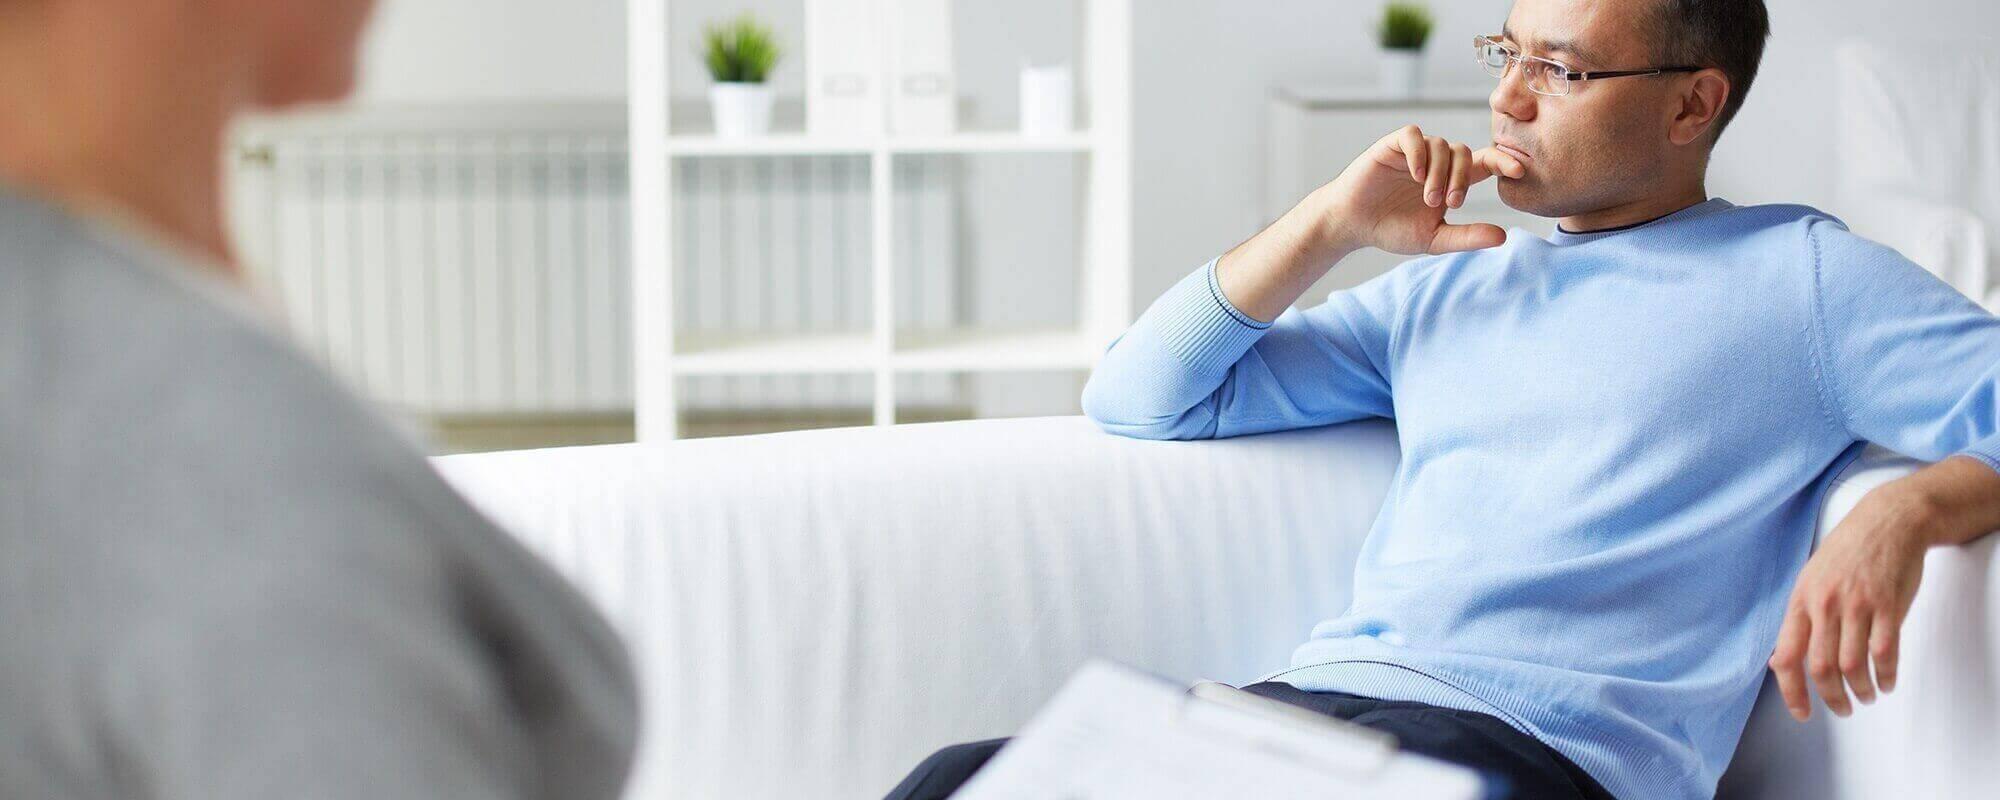 Роль психотерапии